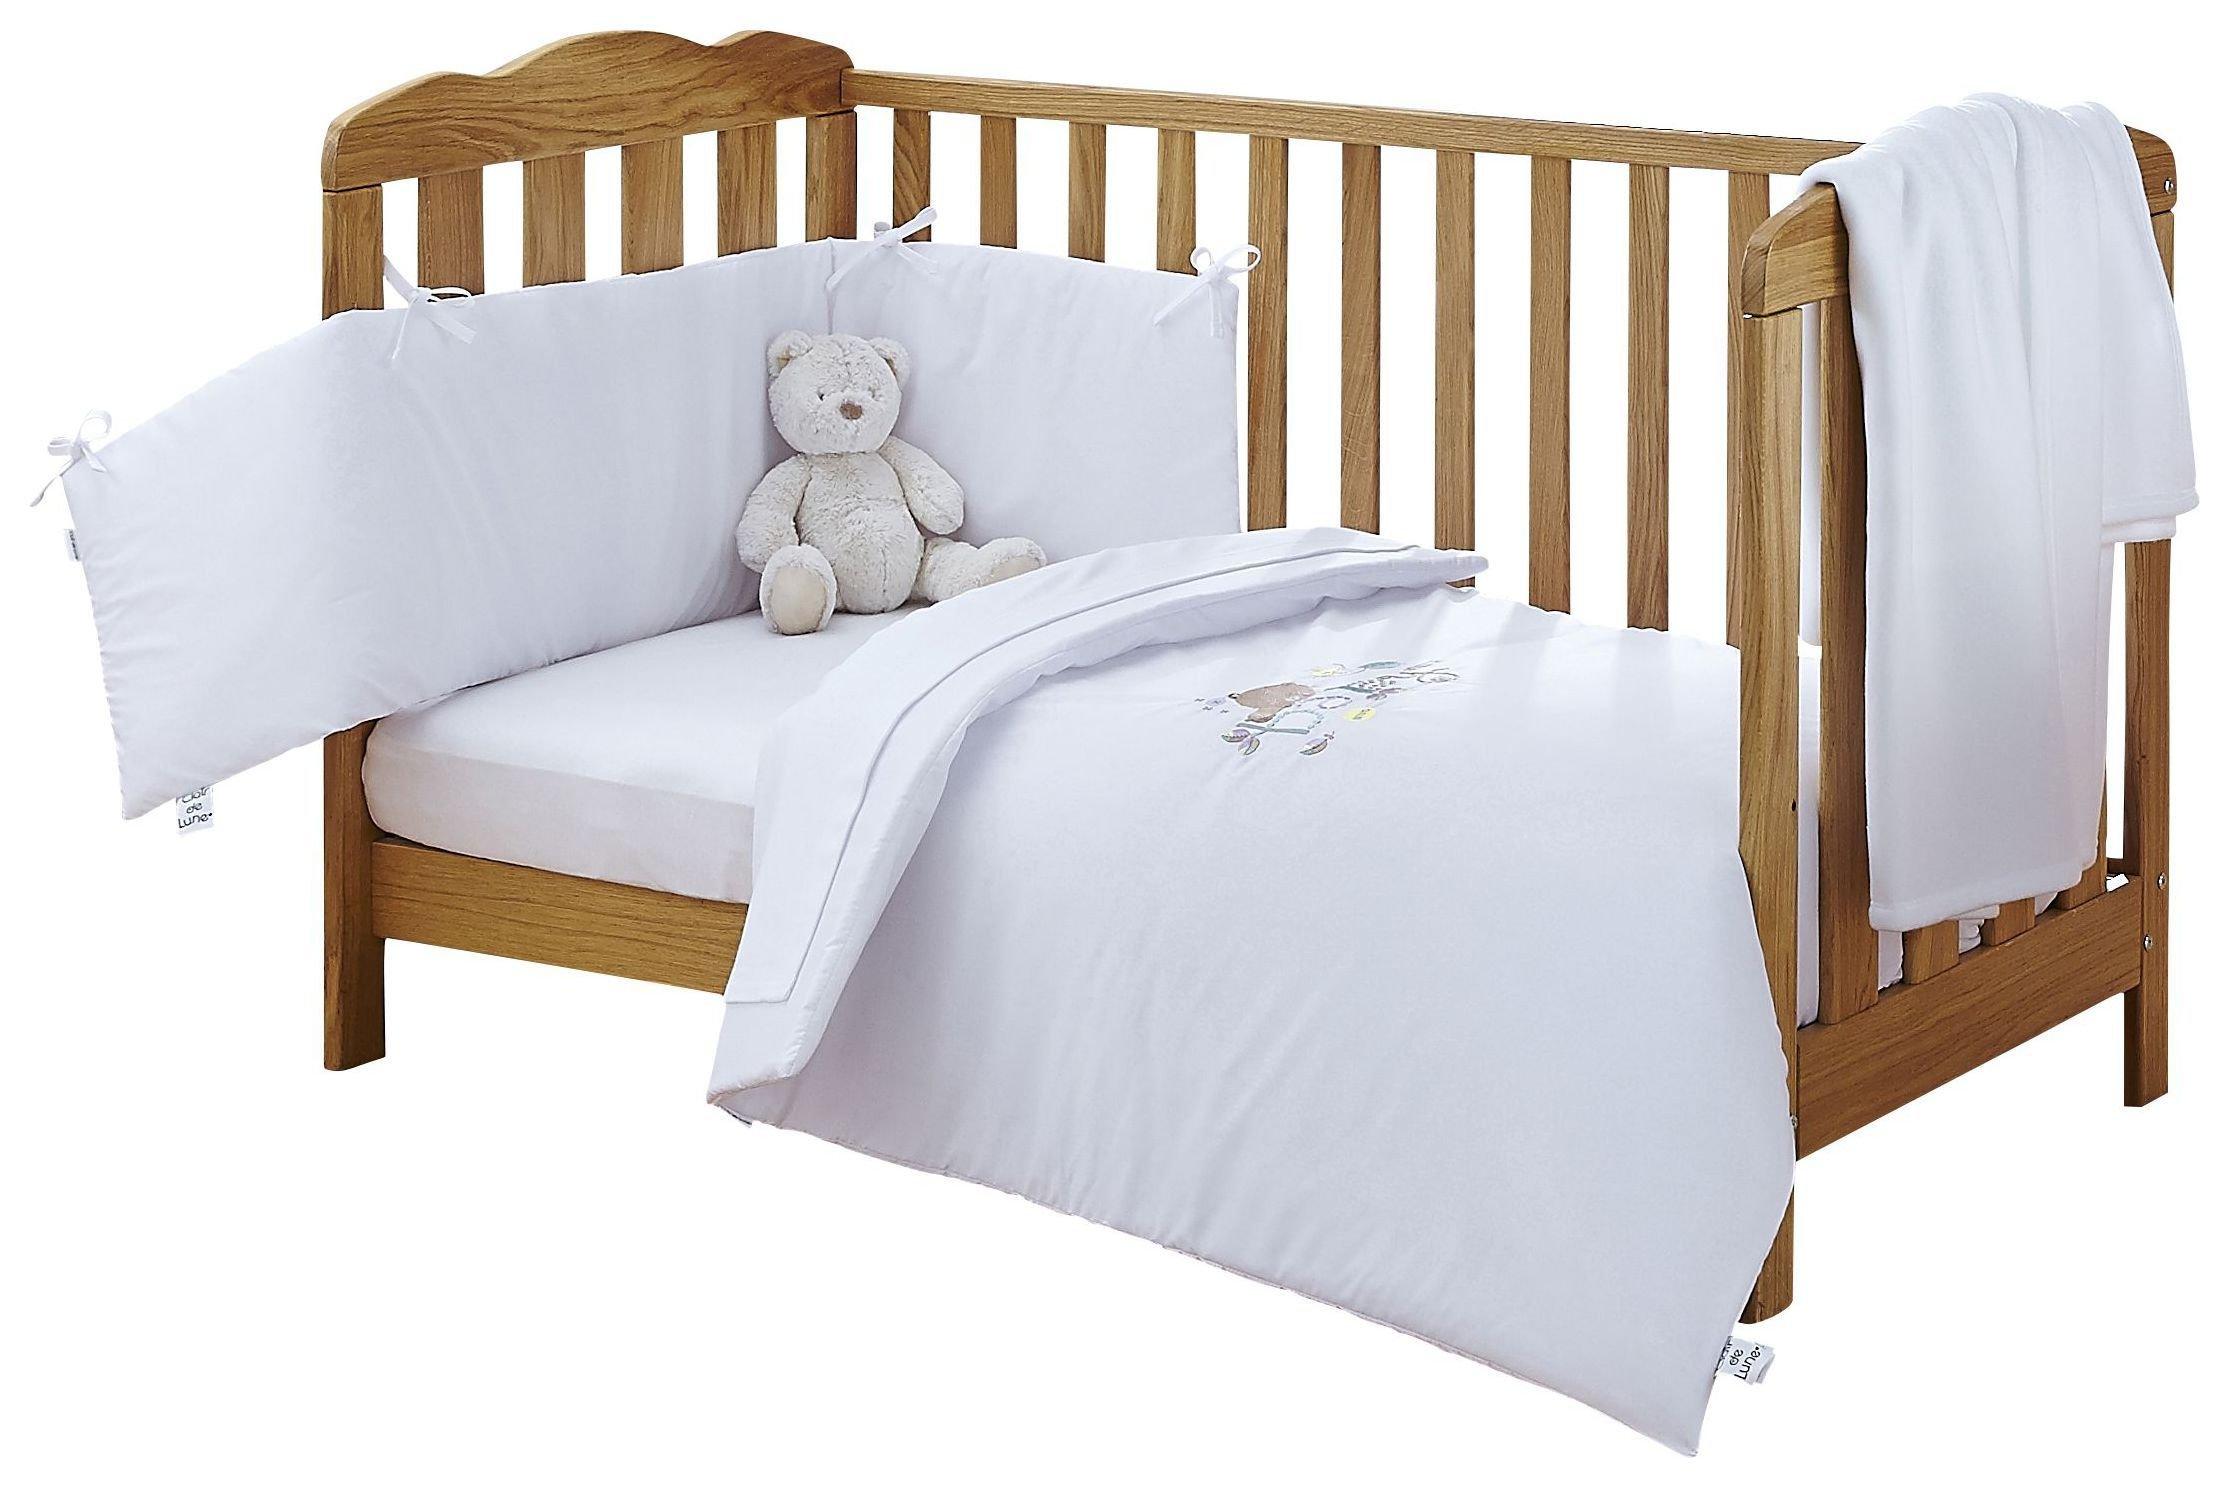 Image of Clair De Lune Baby Cot/Cot Bed Quilt & Bumper Set.